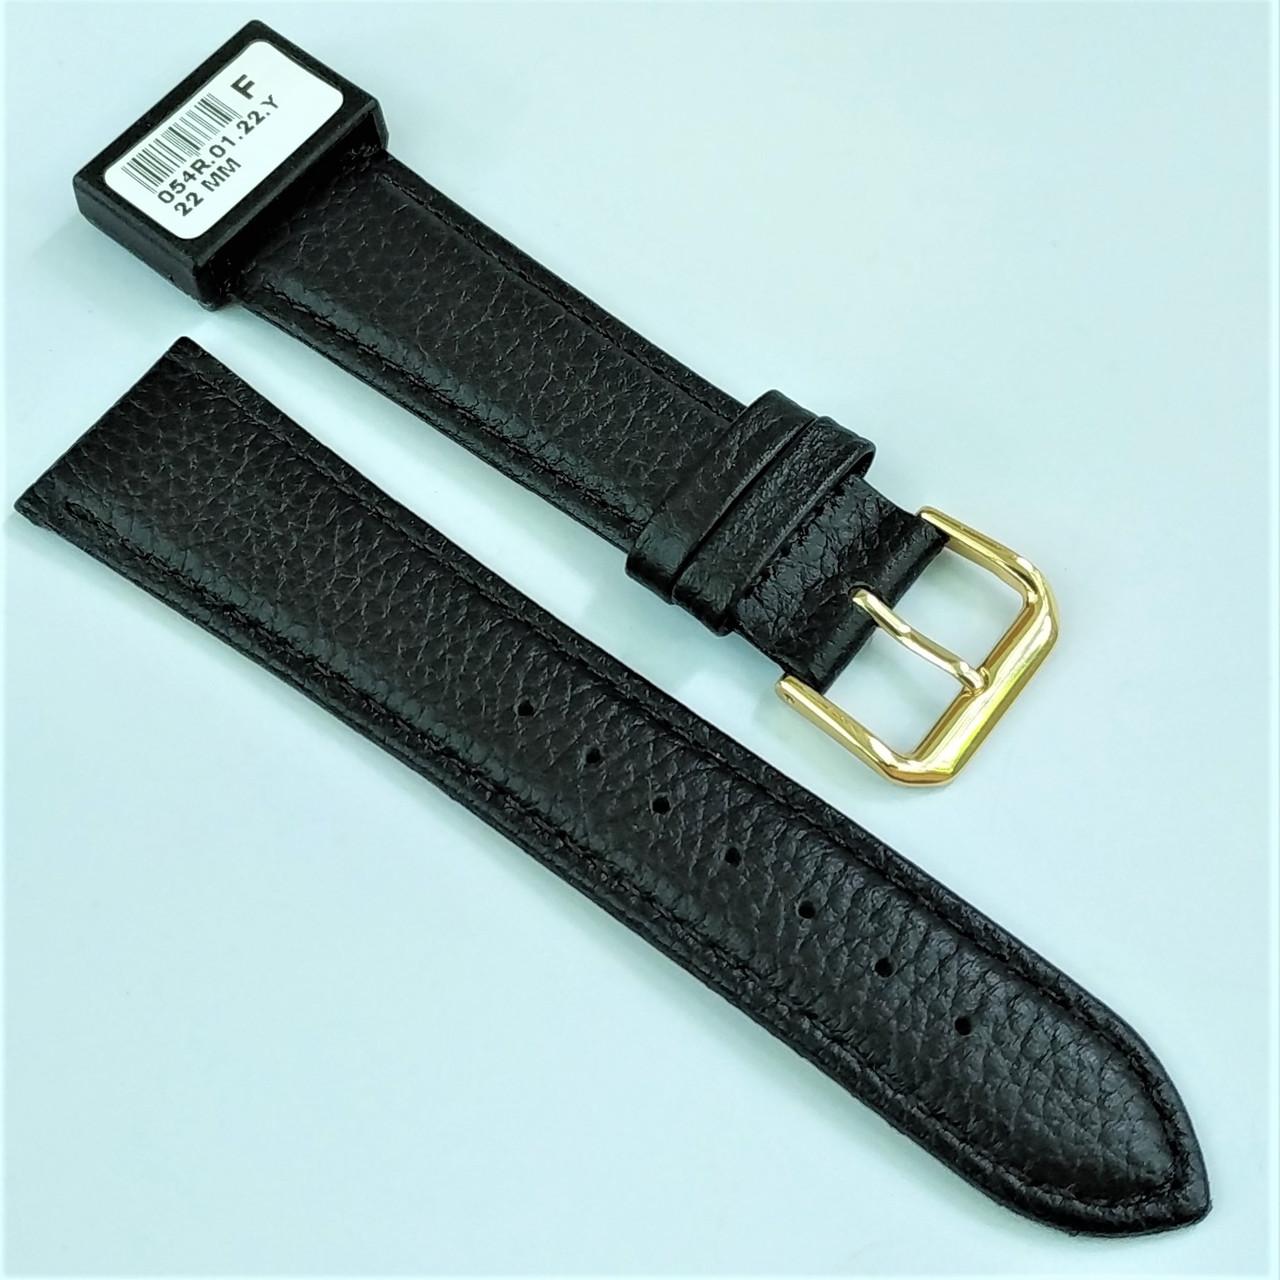 22 мм Кожаный Ремешок для часов CONDOR 054.22.01 Черный Ремешок на часы из Натуральной кожи